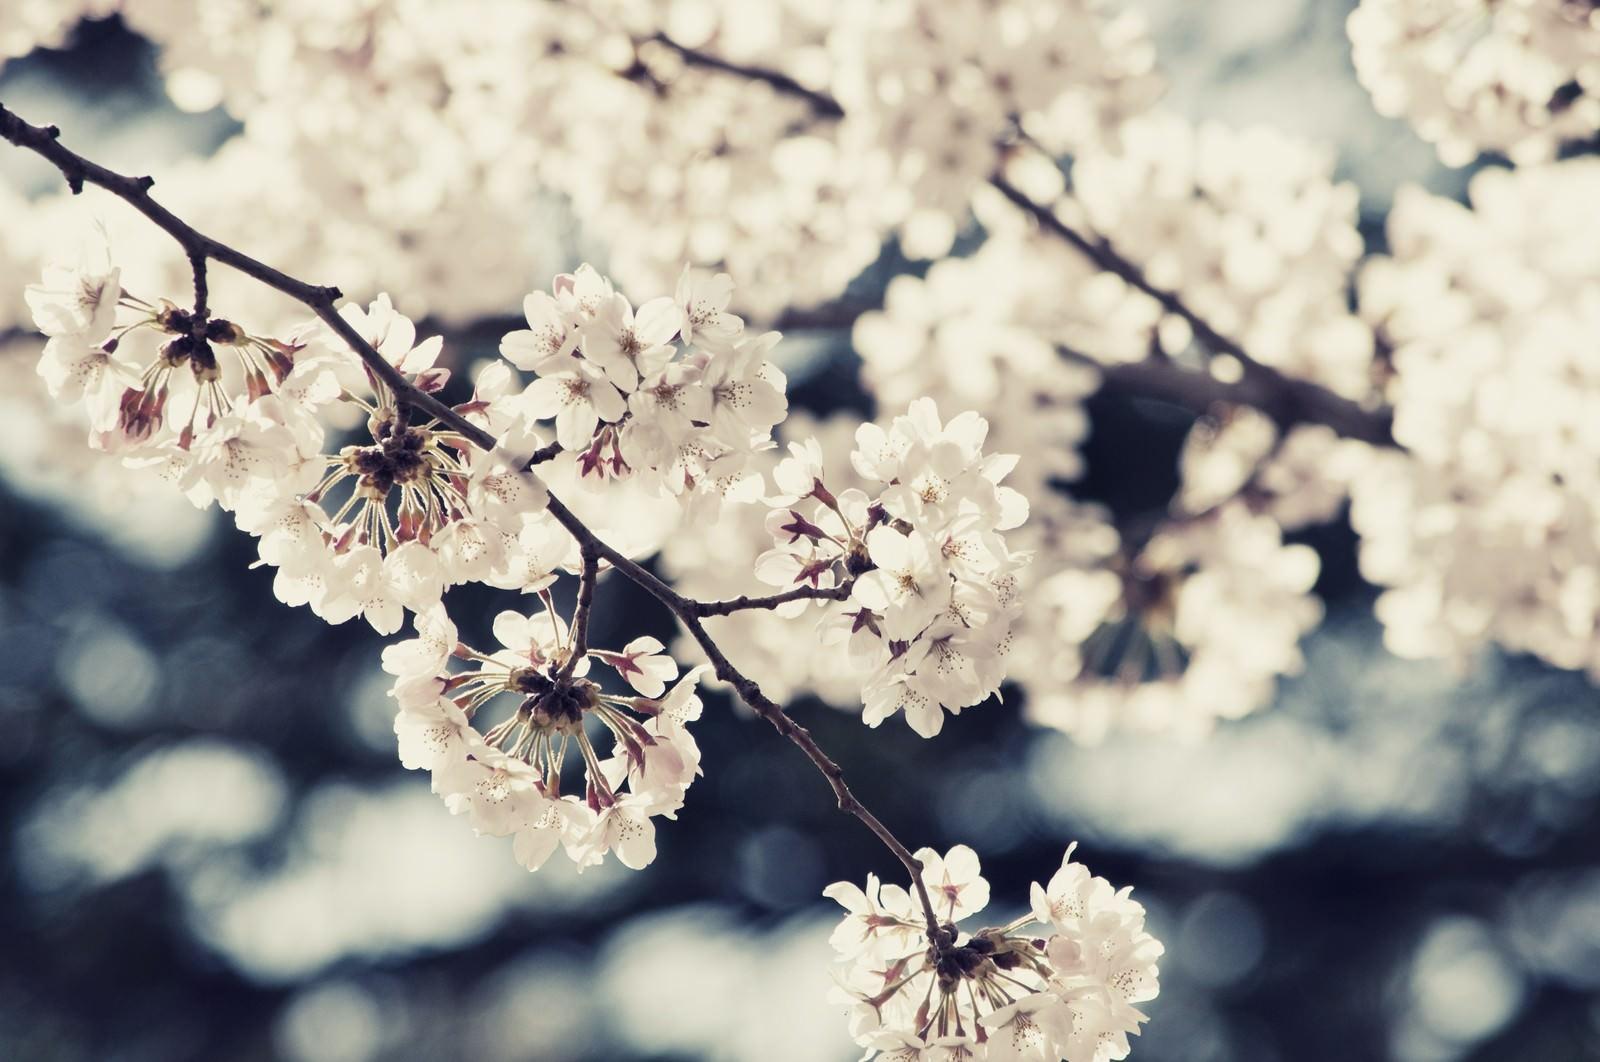 「風に踊る桜」の写真